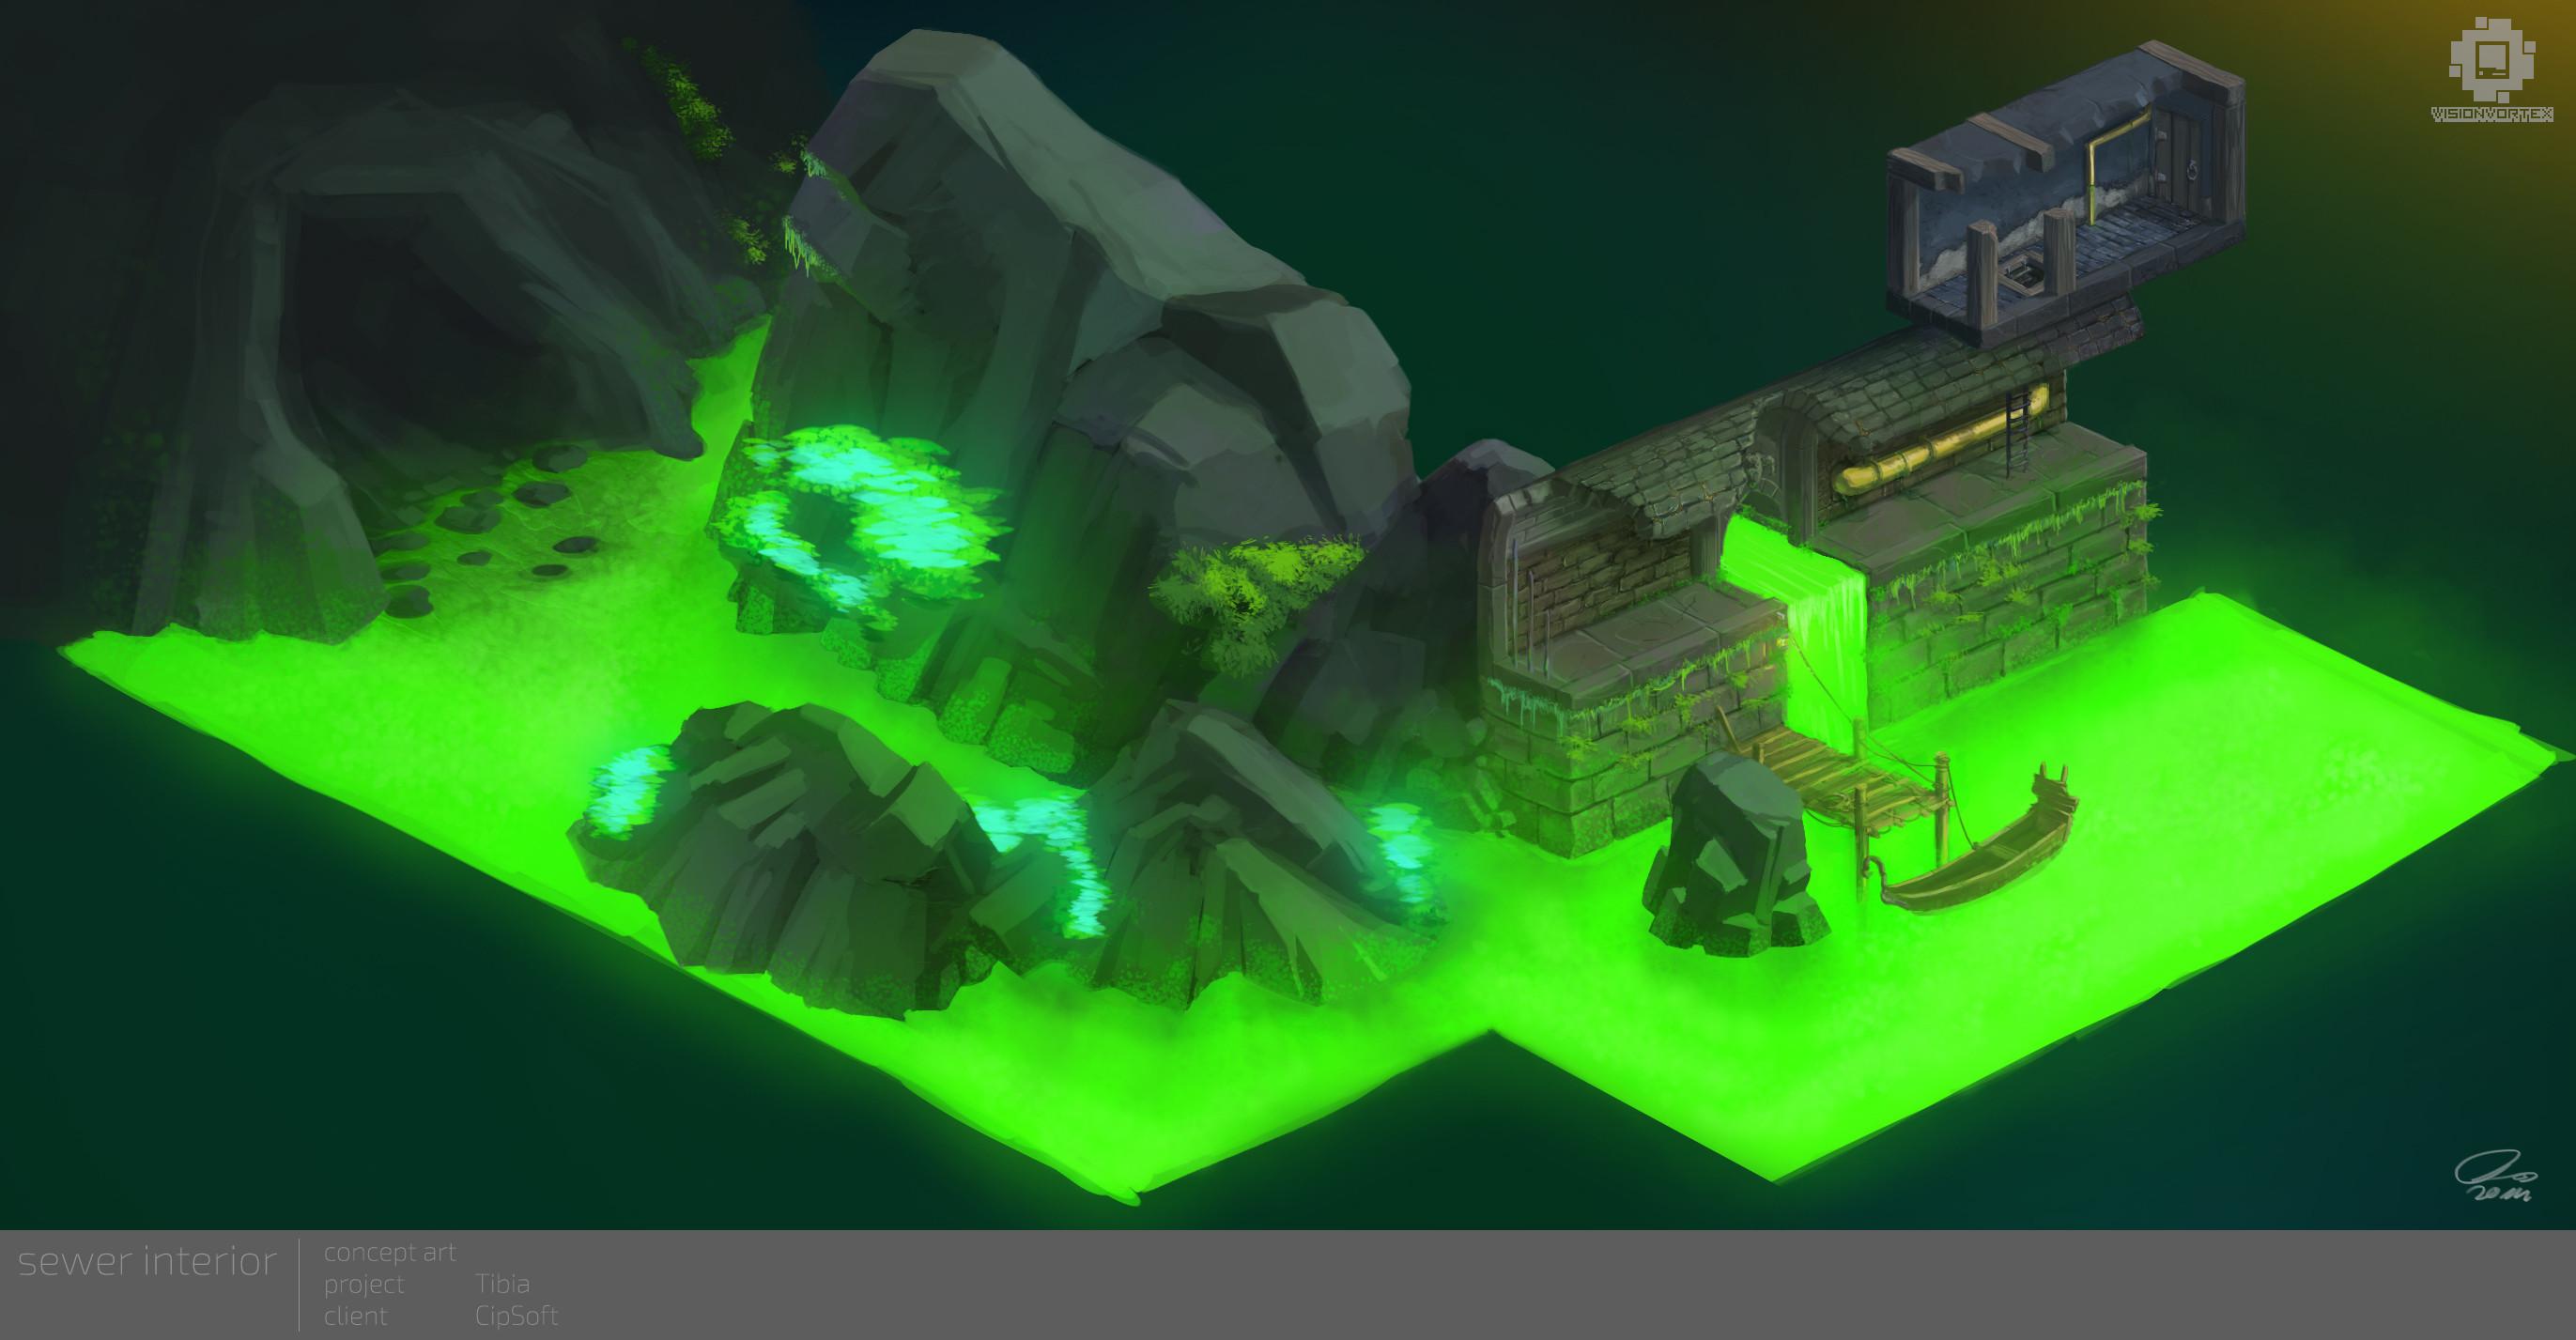 Sewer Dungeon Interior Set